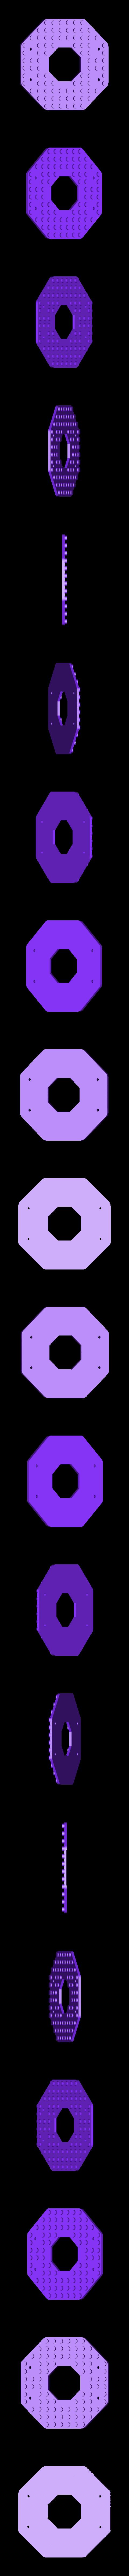 910b1e59 39fd 47e8 82b7 f8332c025aa5